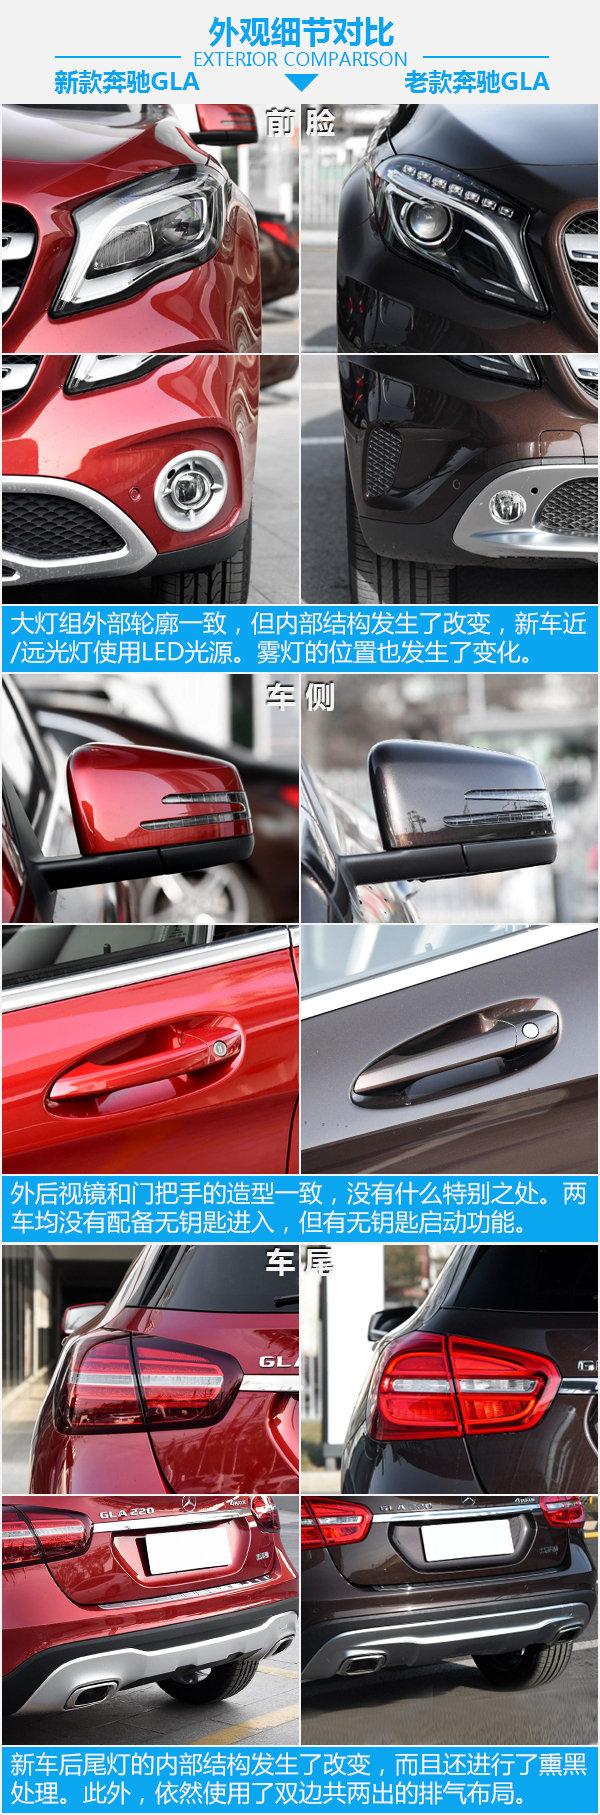 要时尚还是实惠?北京奔驰GLA新老车型对比-图5